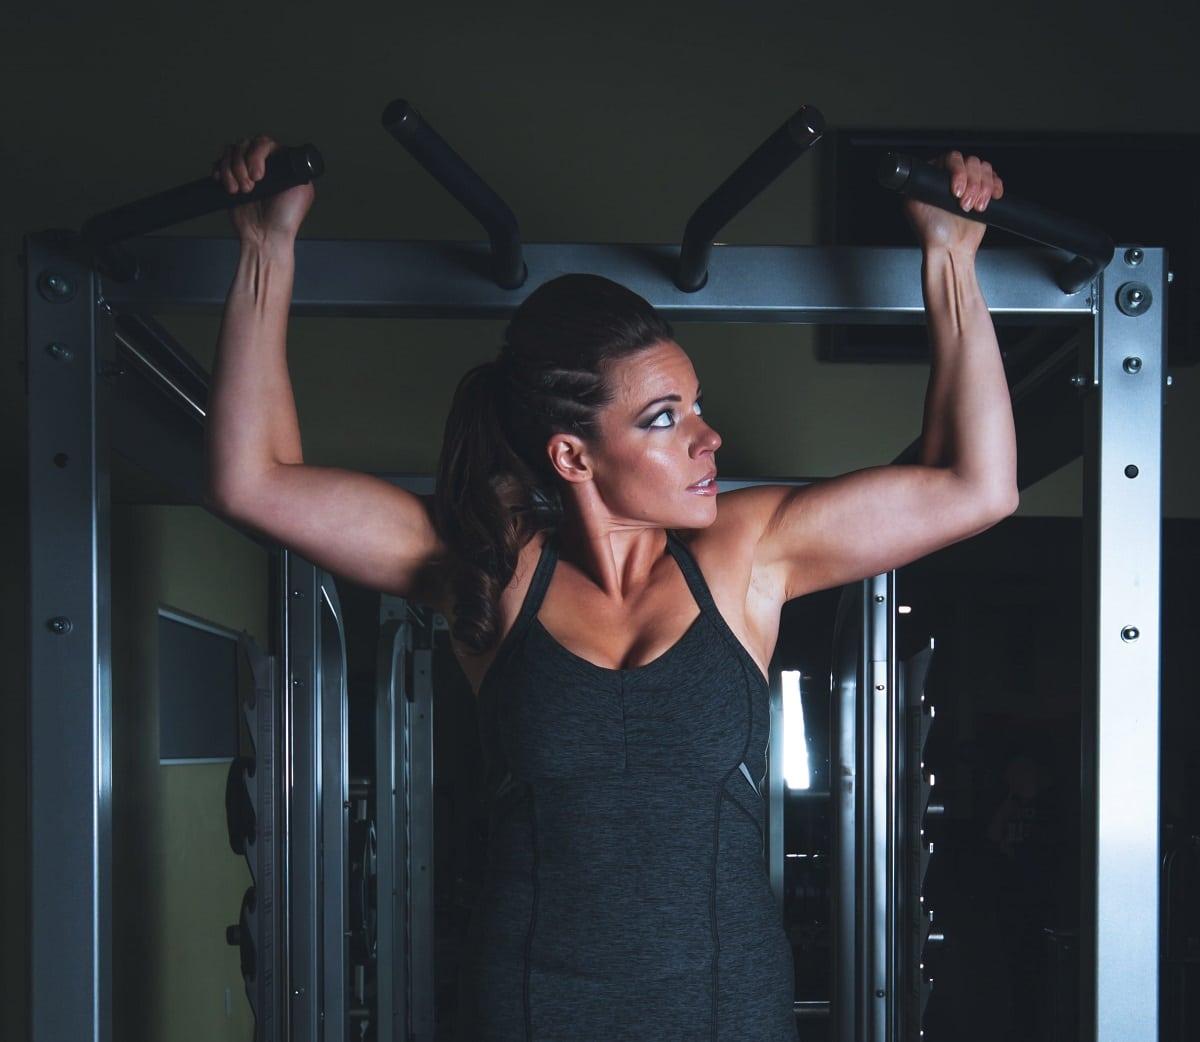 Cómo hacer dominadas en el gimnasio